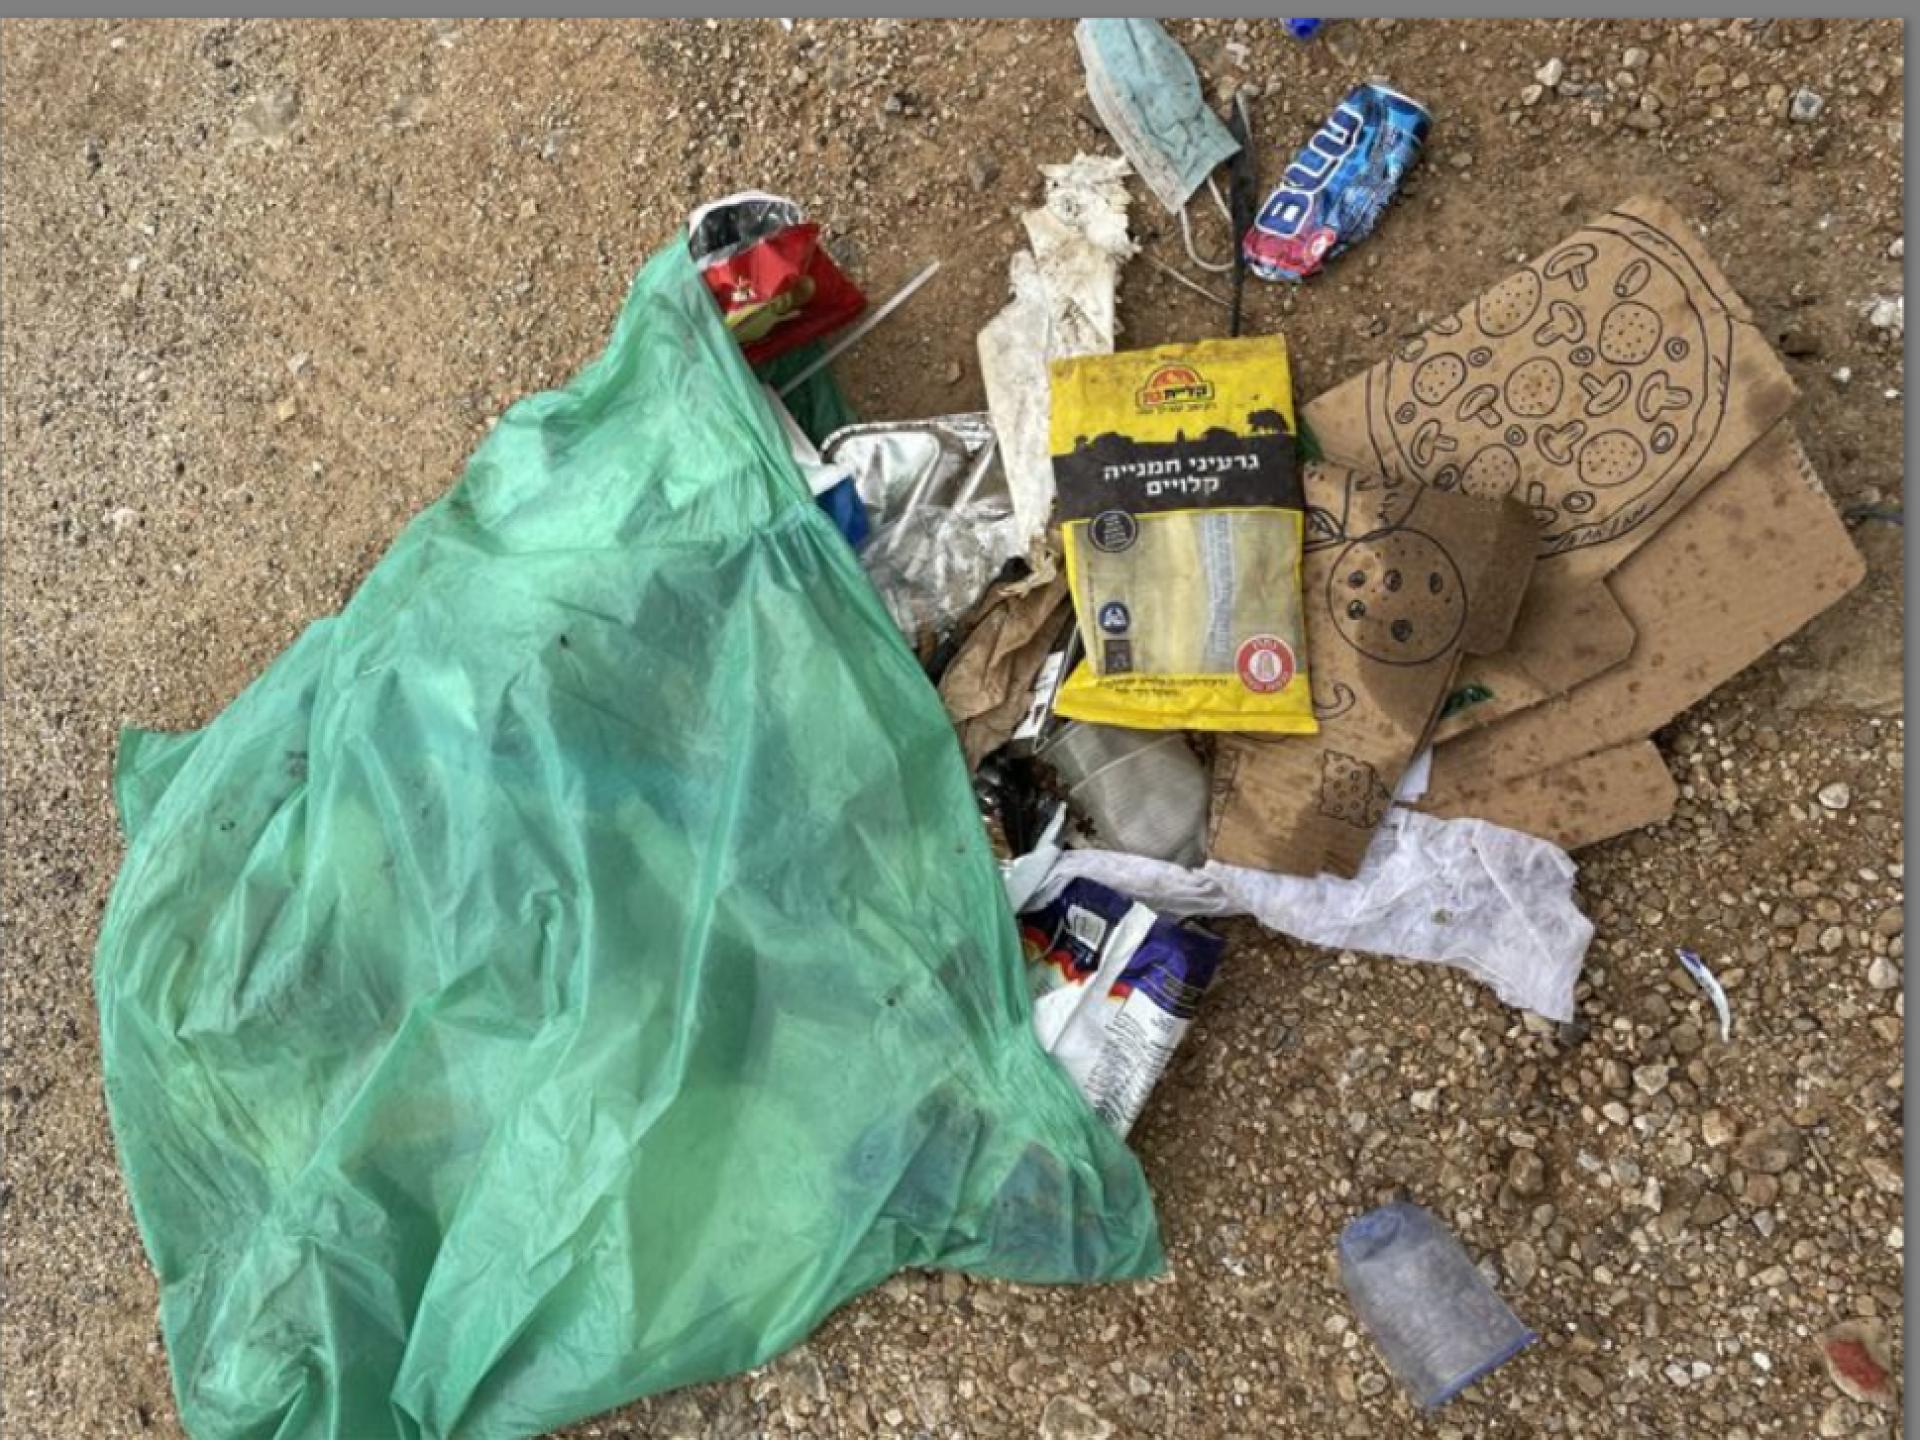 אשפה של חיילים מתפזרת משקית ניילון פתוחה במחסום טורה